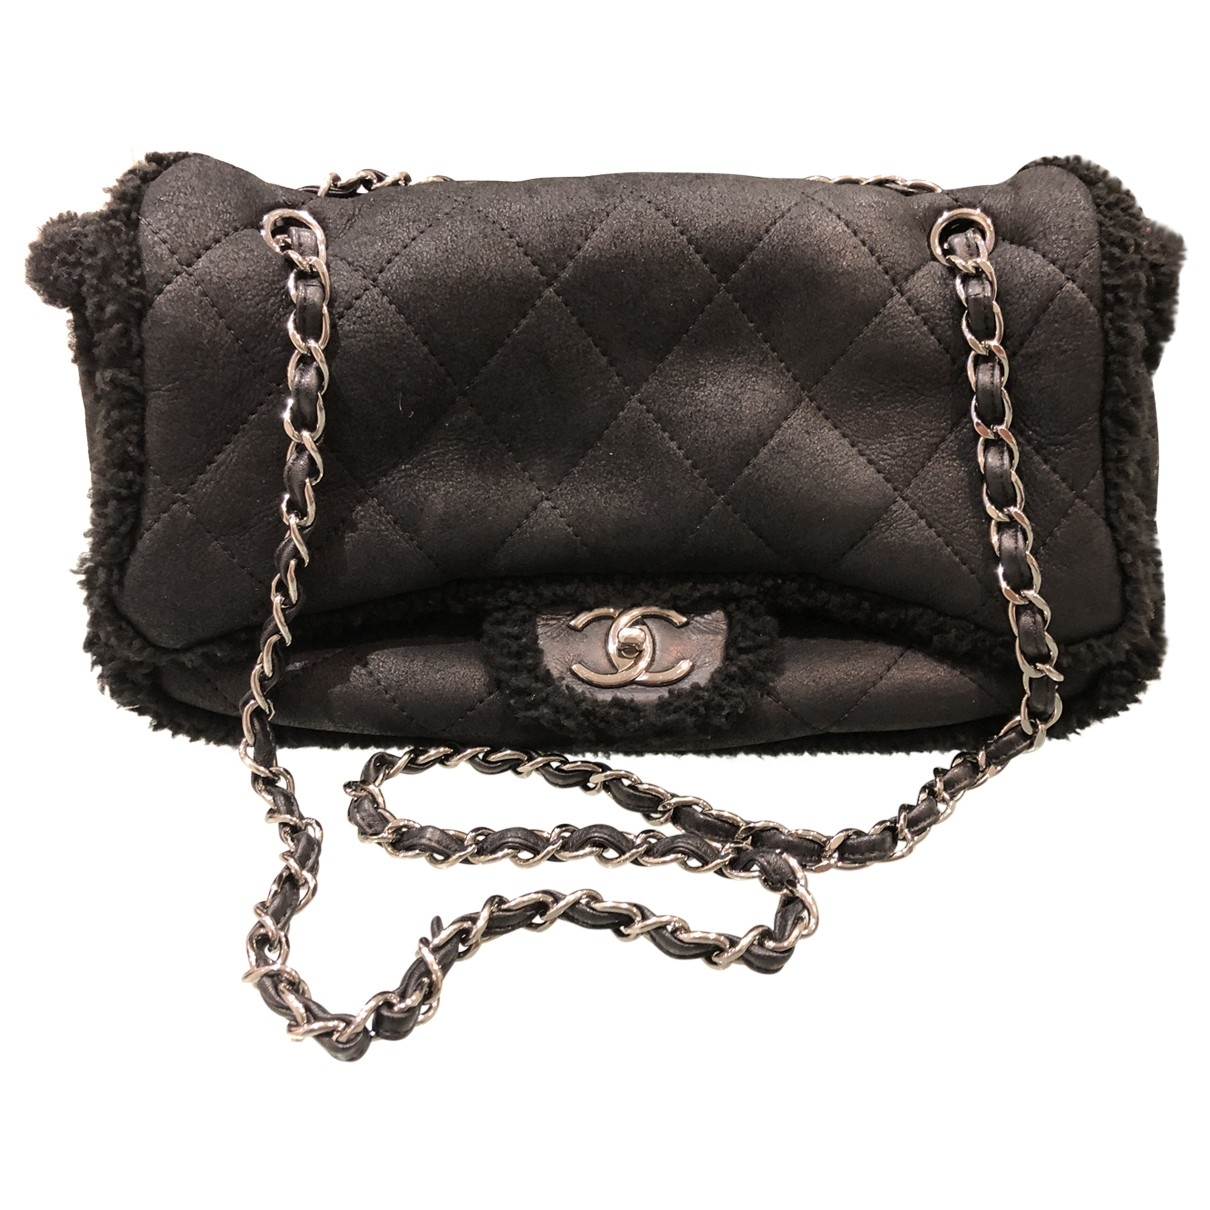 Chanel Timeless/Classique Handtasche in  Schwarz Schaf